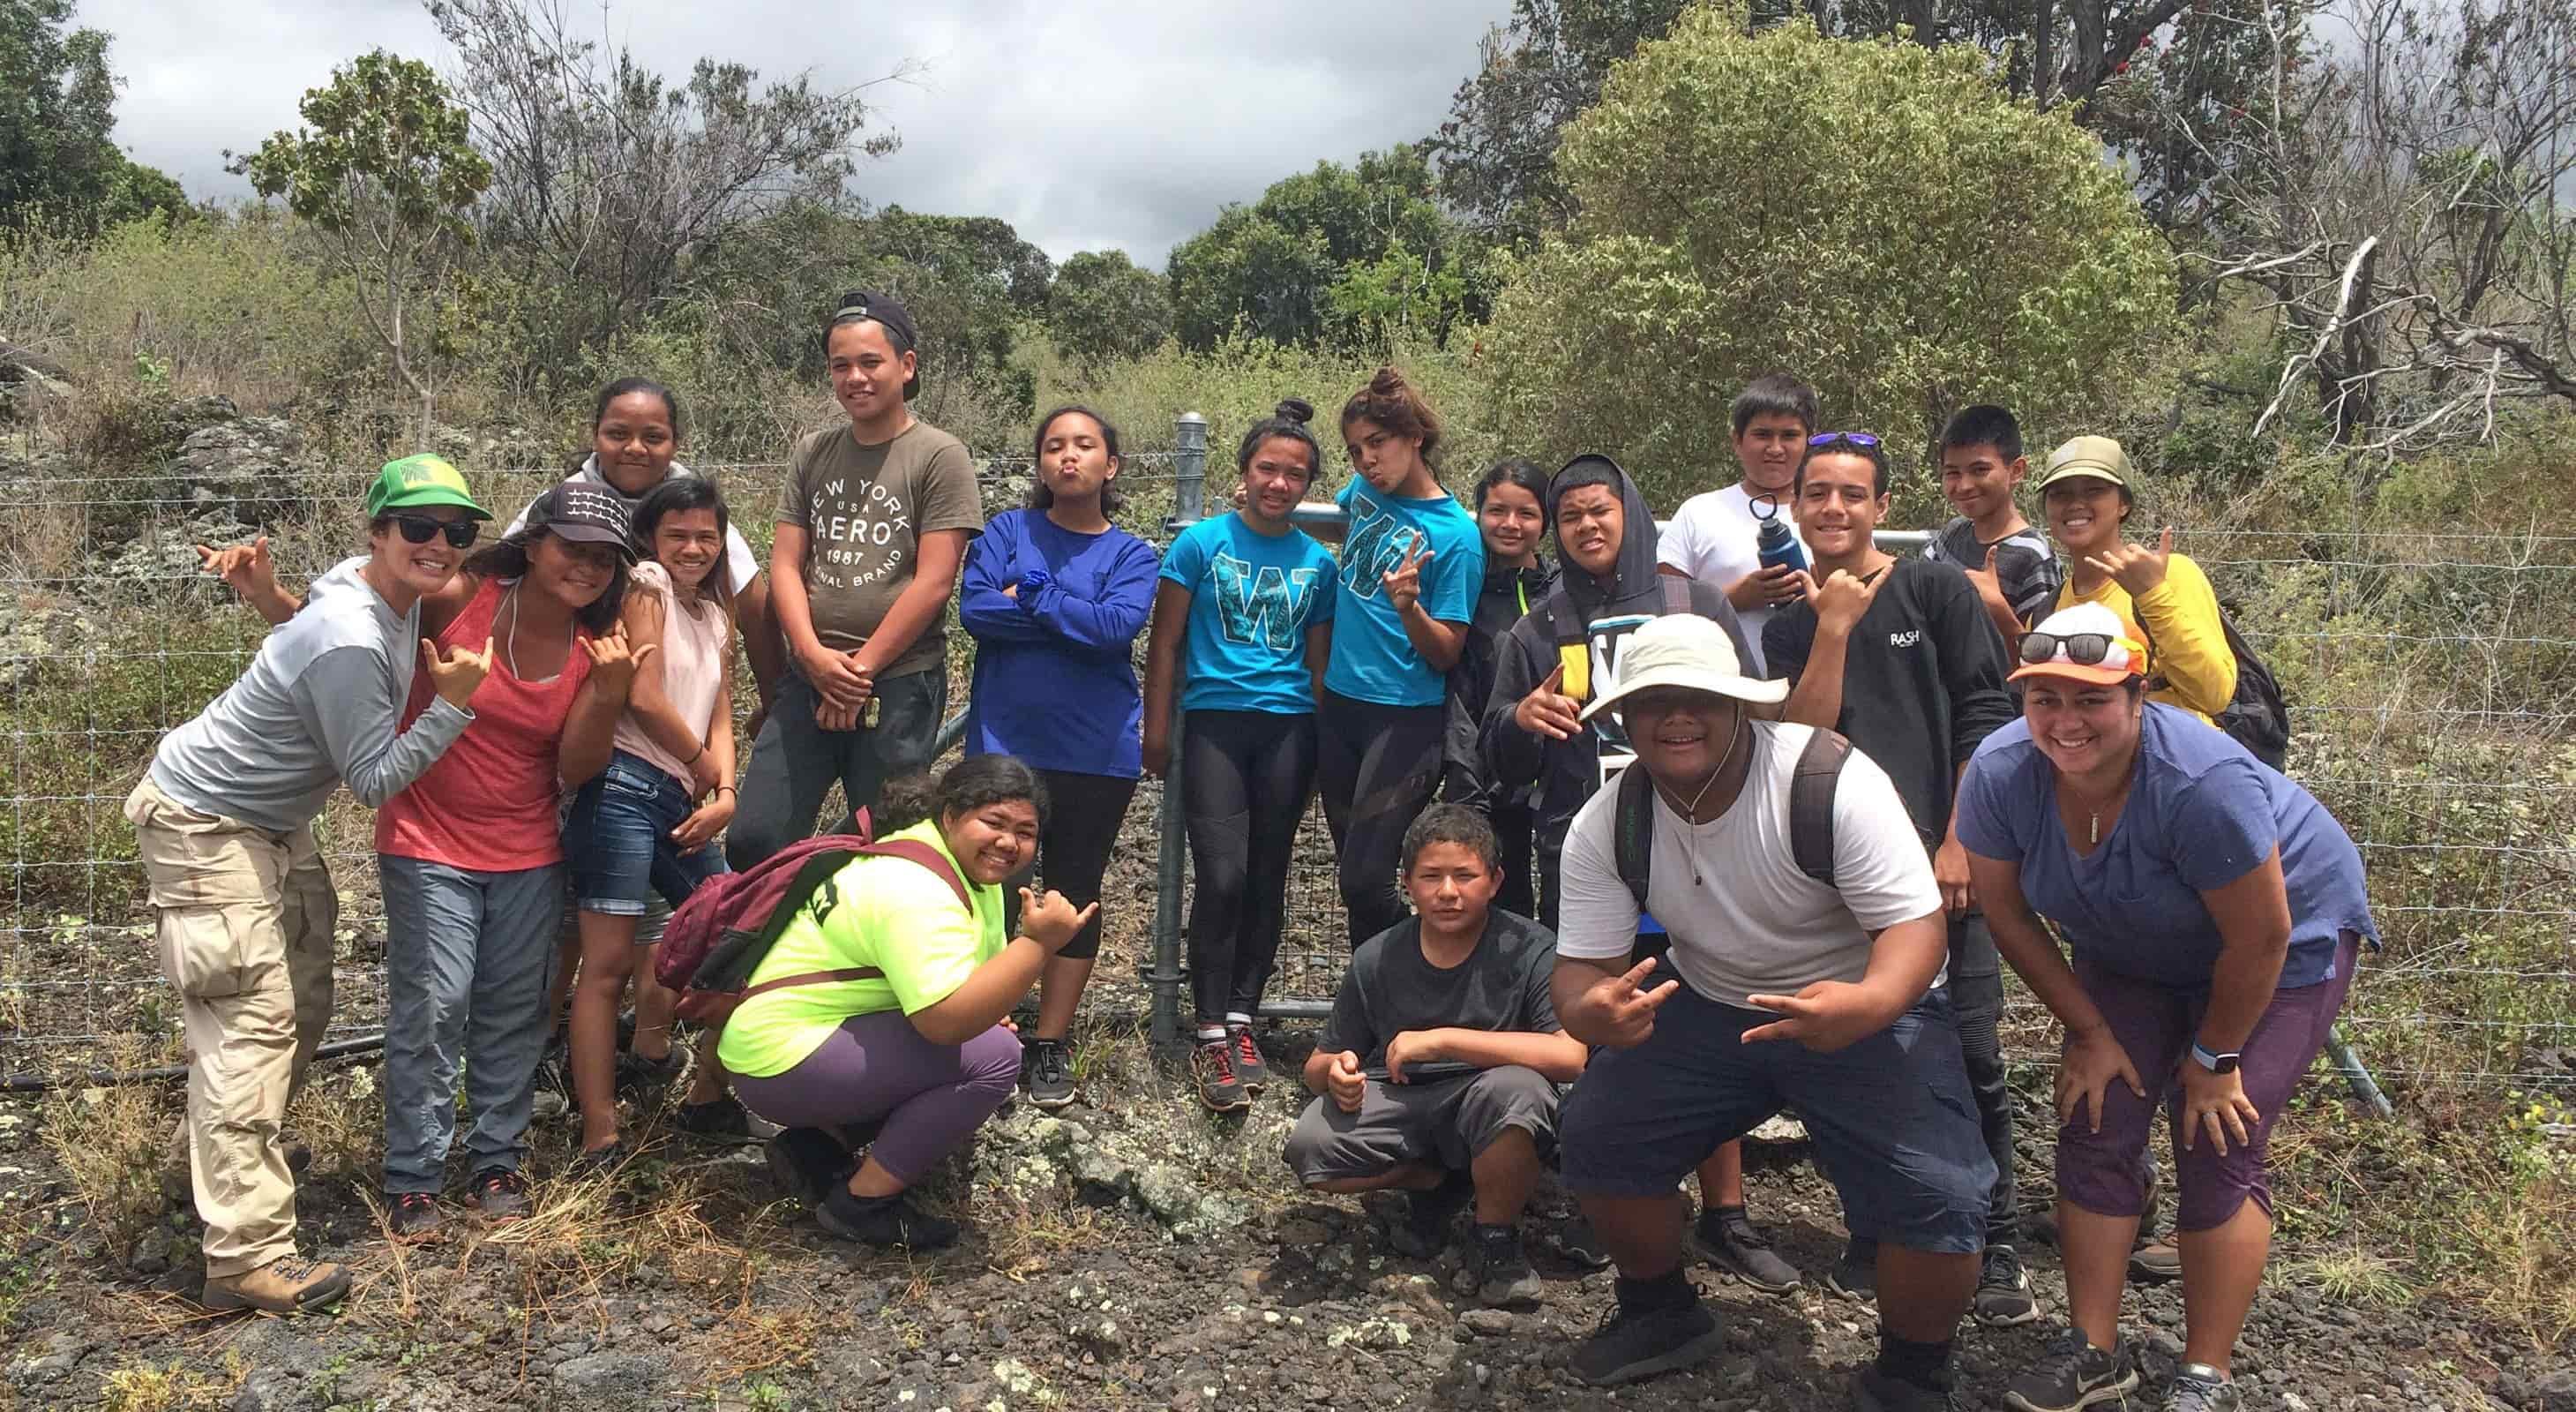 Teaching Change Summer Immersion group at Puʻuwaʻawaʻa